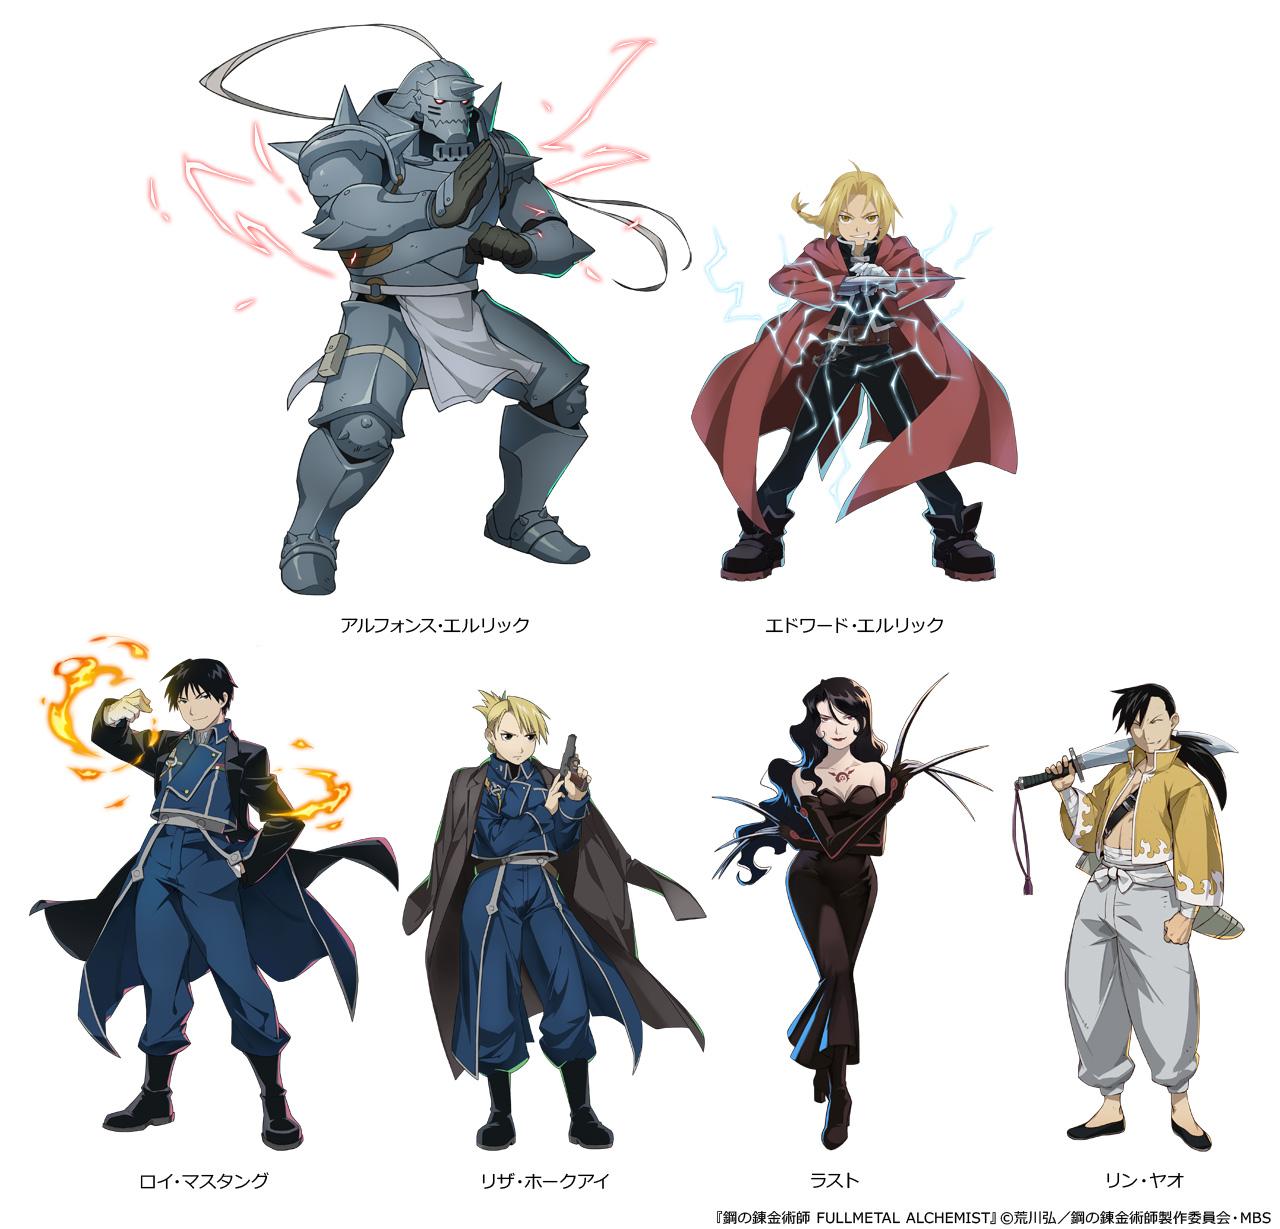 『ナイツクロニクル』が『鋼の錬金術師』と再コラボ!「リン・ヤオ」が初参戦!!